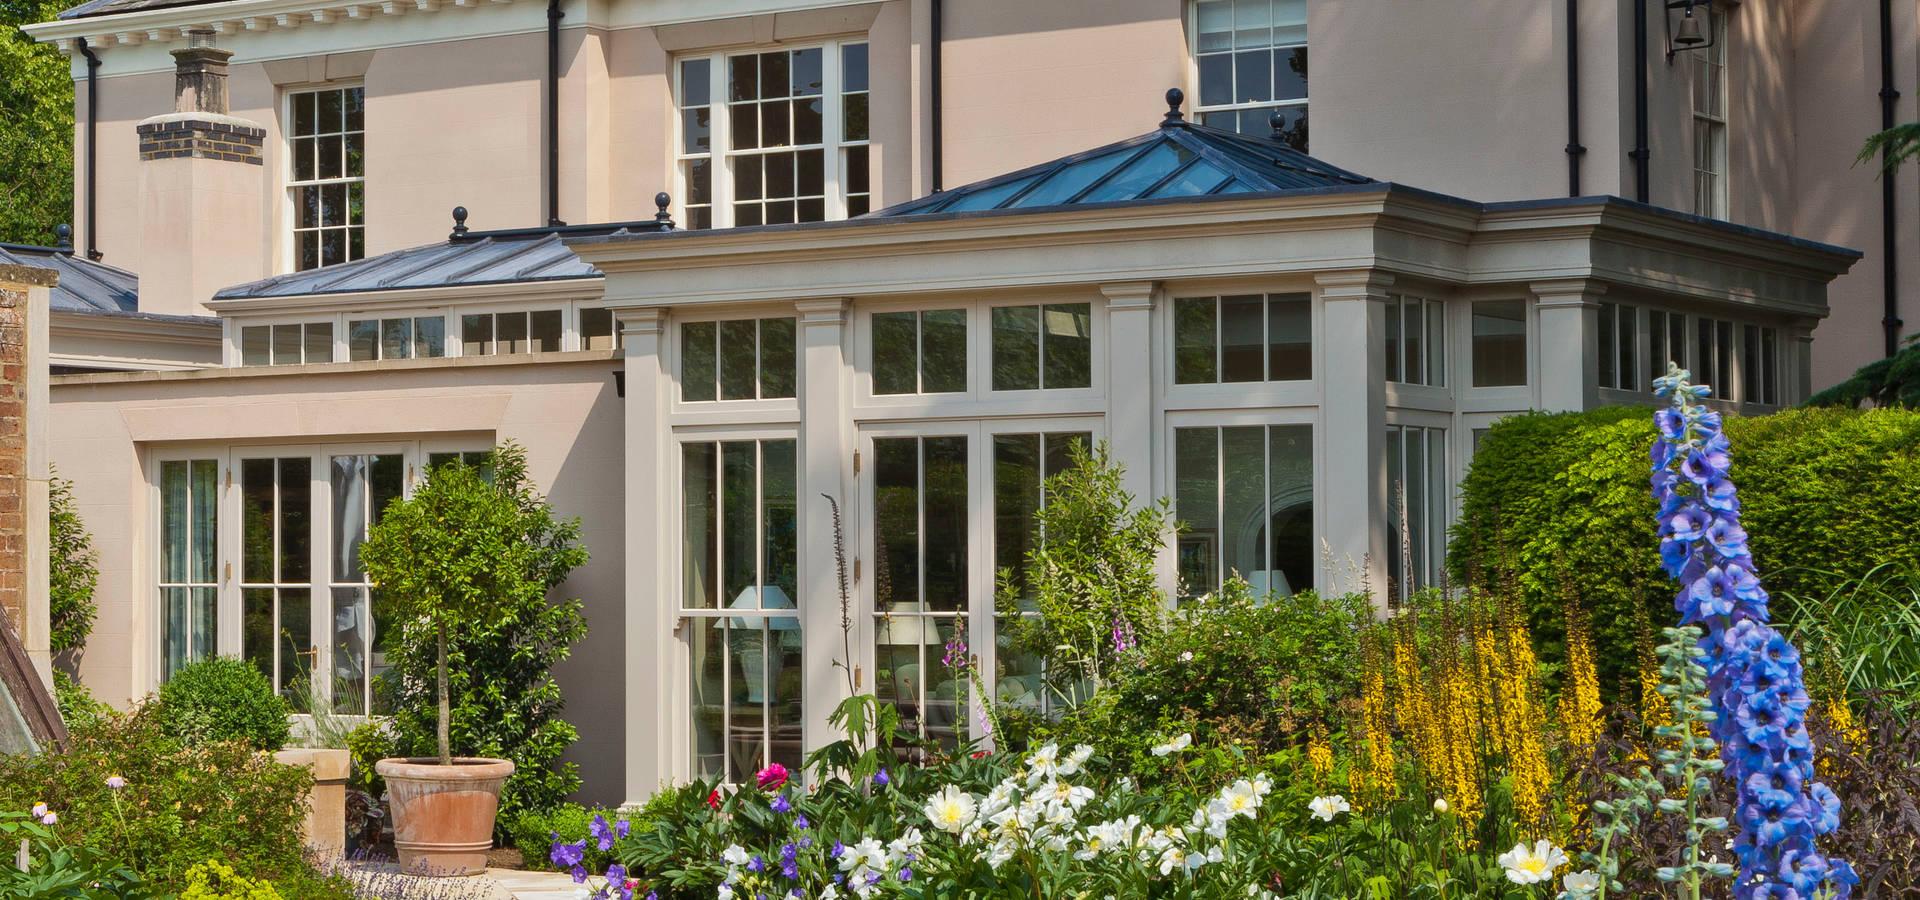 Vale Garden Houses